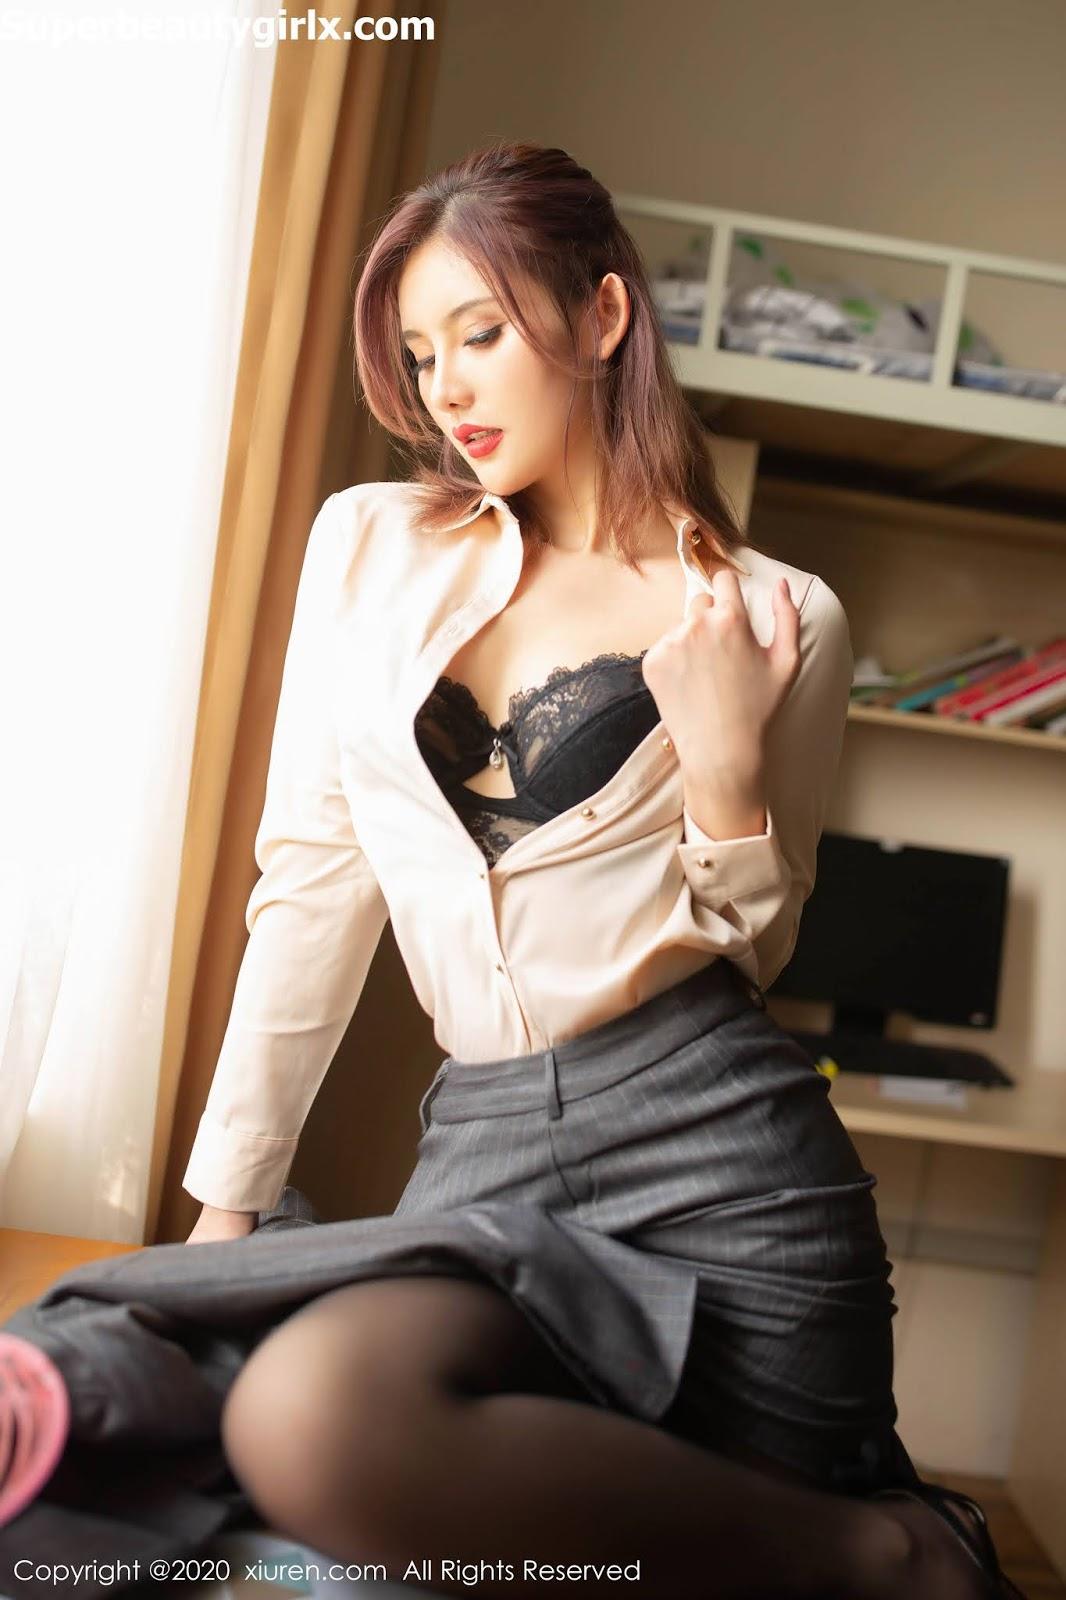 XIUREN-No.2254-Jiu-Shi-A-Zhu-A-Superbeautygirlx.com